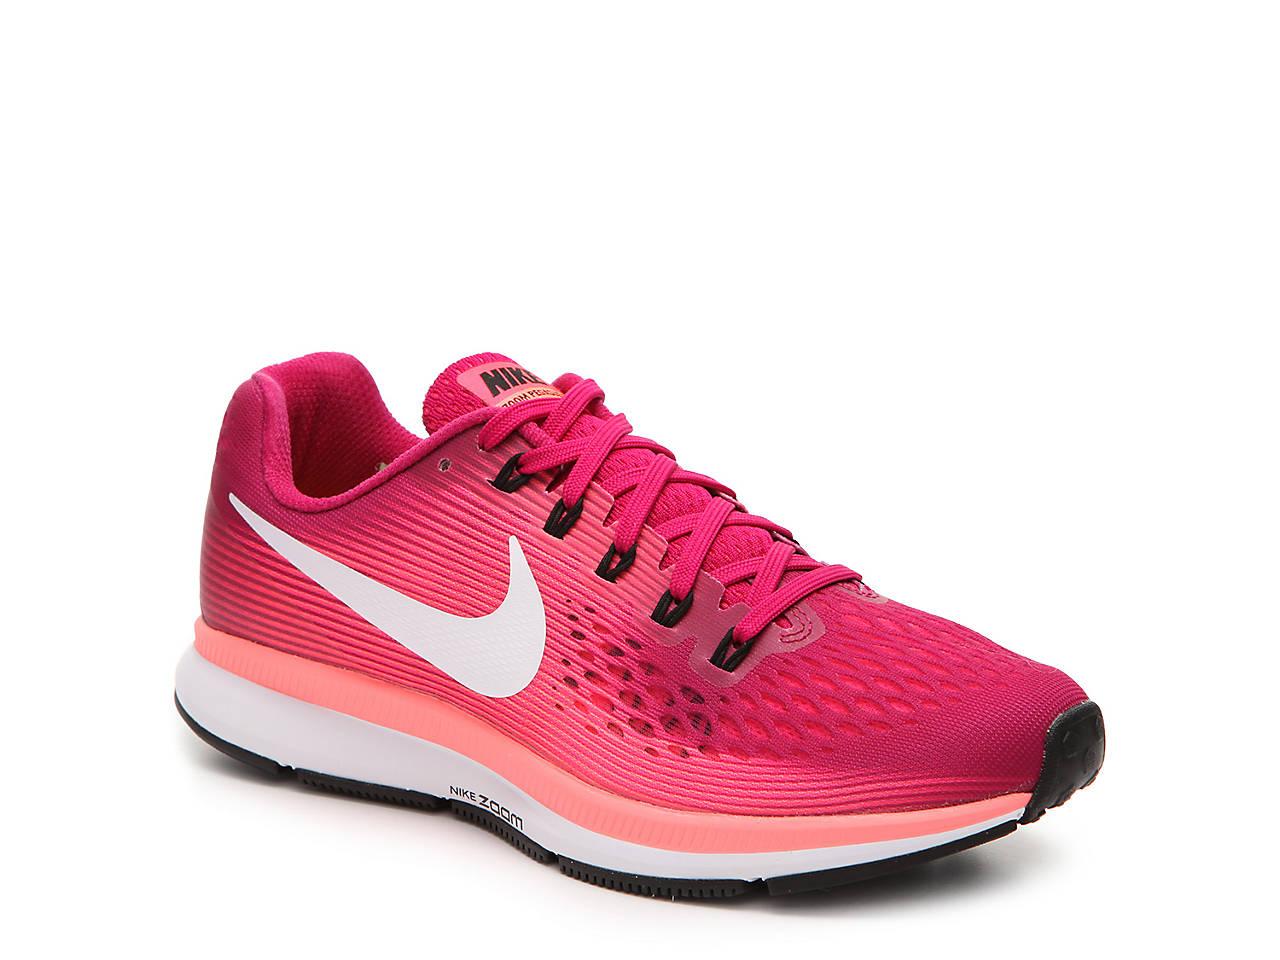 cd899d5c575e7 Air Zoom Pegasus 34 Lightweight Running Shoe - Womens. Nike  Nike Women s  Victoria NM Sneaker Sport Casual Women s Shoes - DSW ...